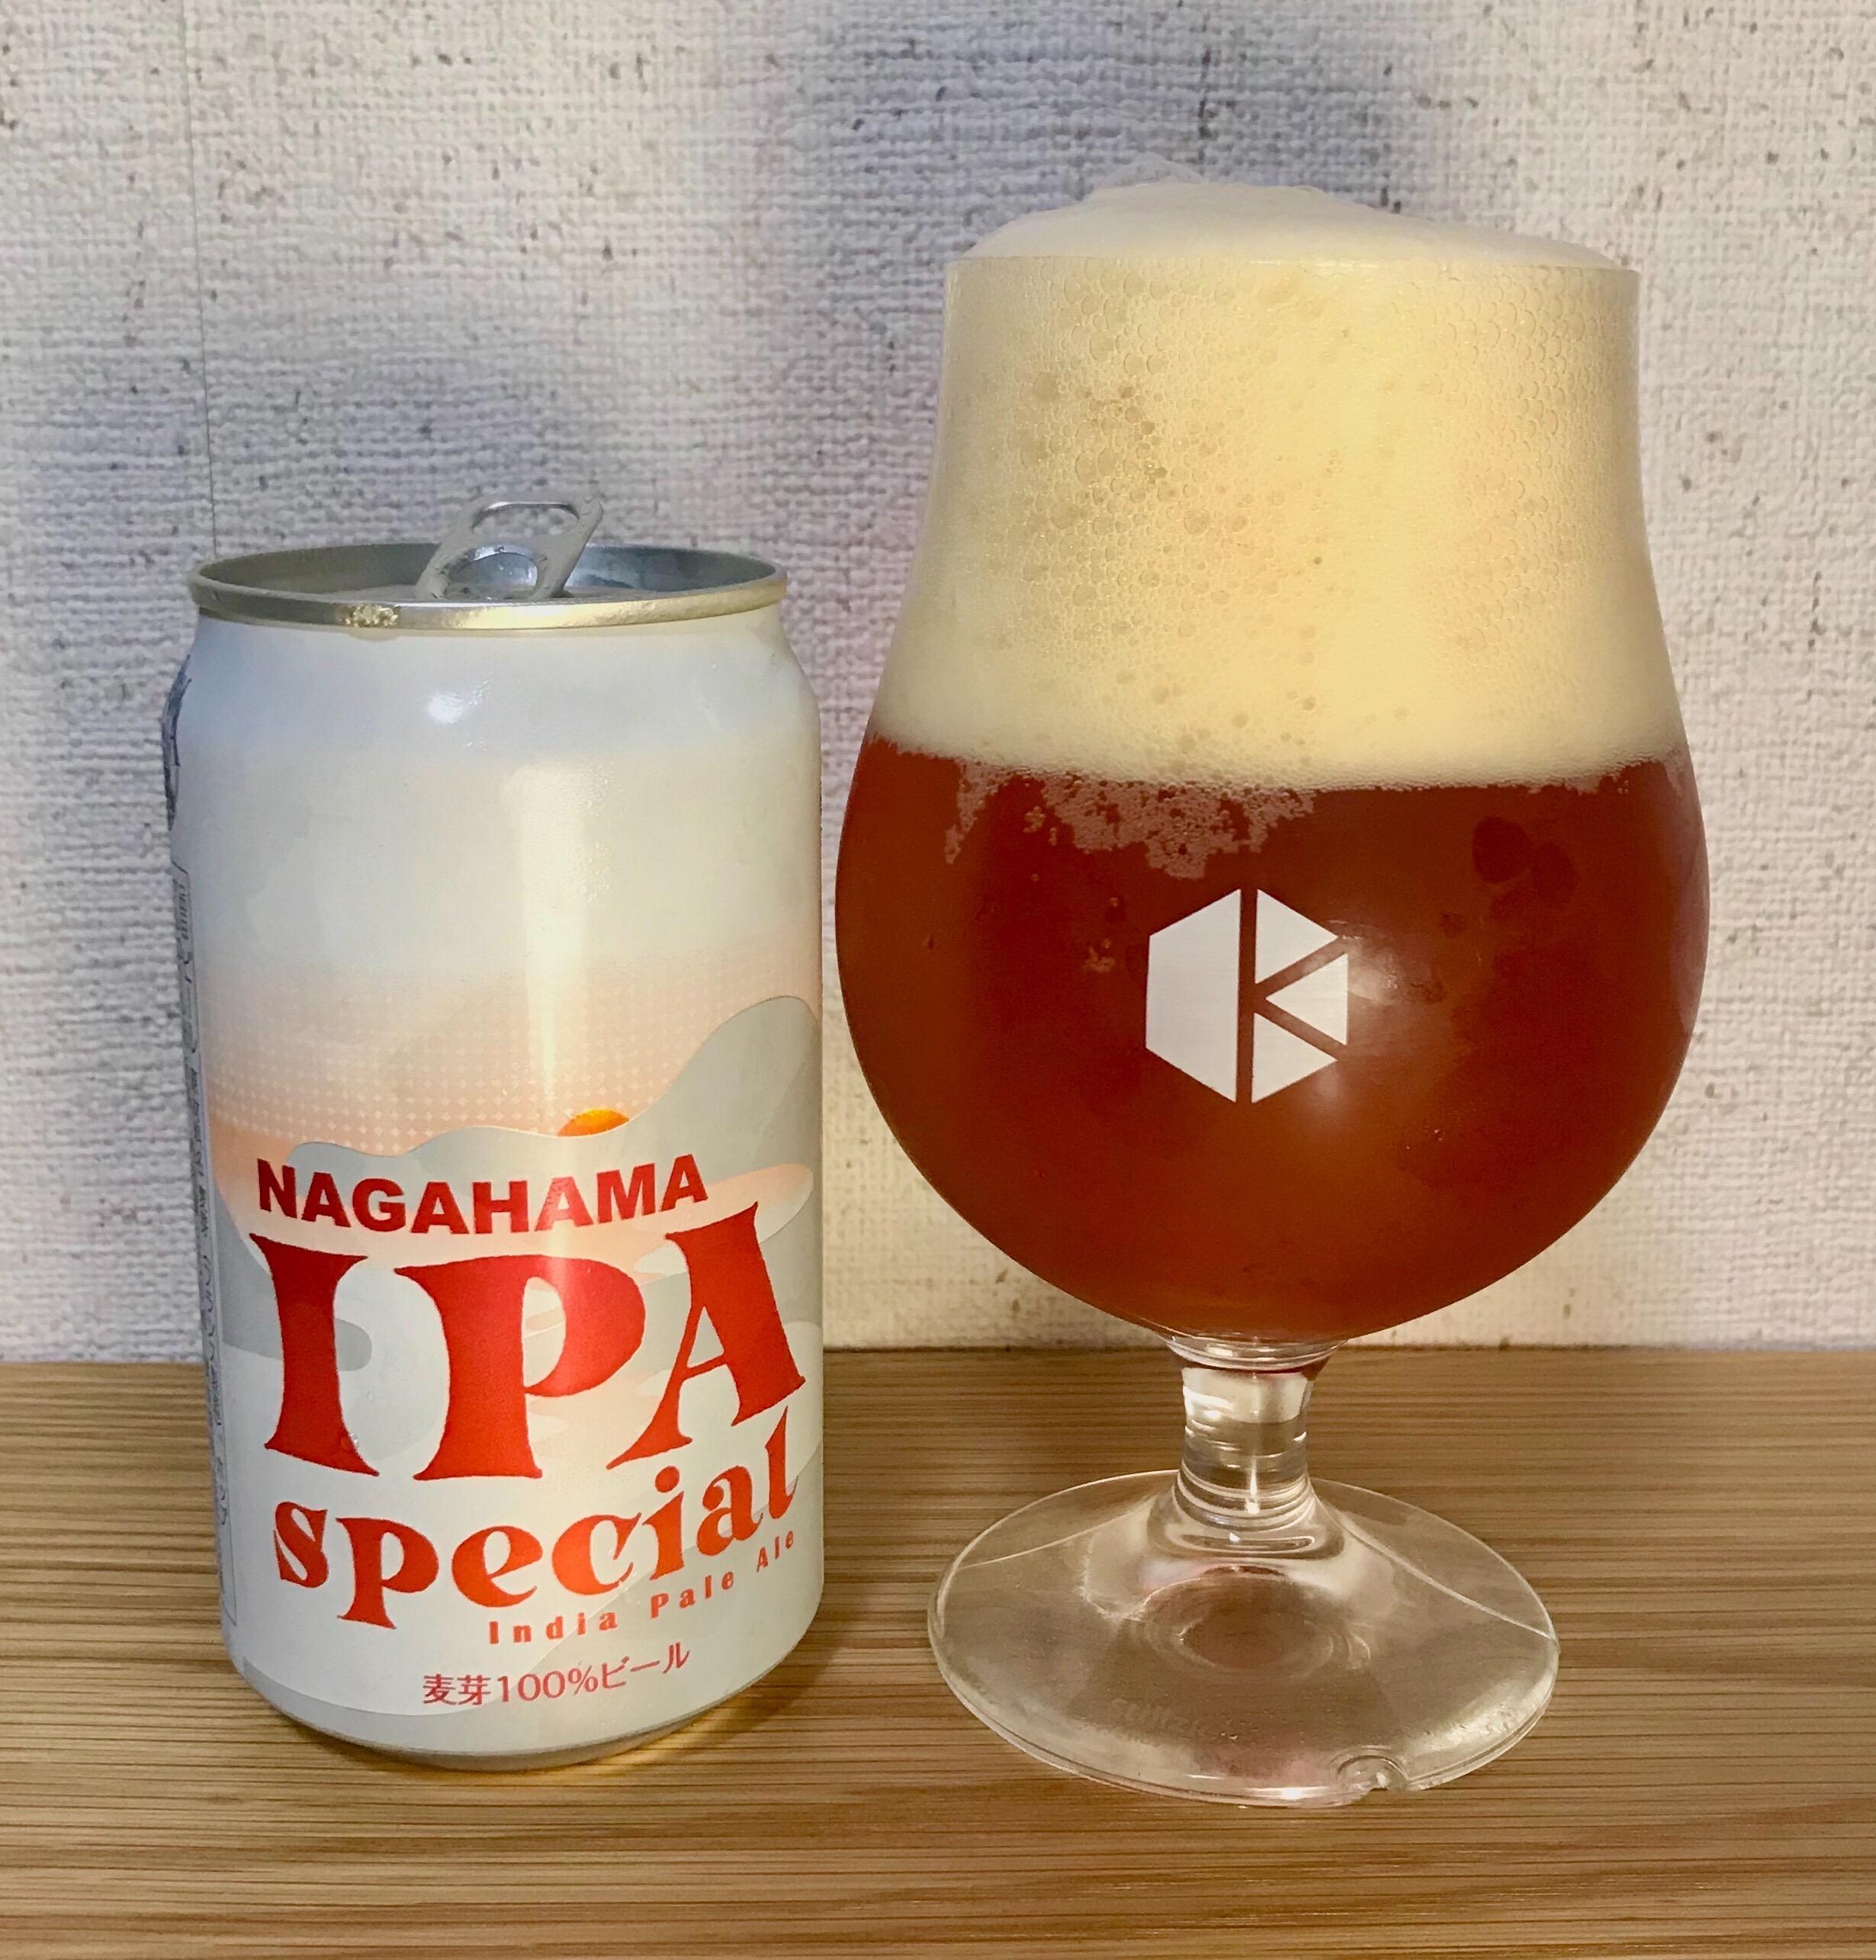 MAGAHAMA IPA special_長濱浪漫ビール_滋賀_Image